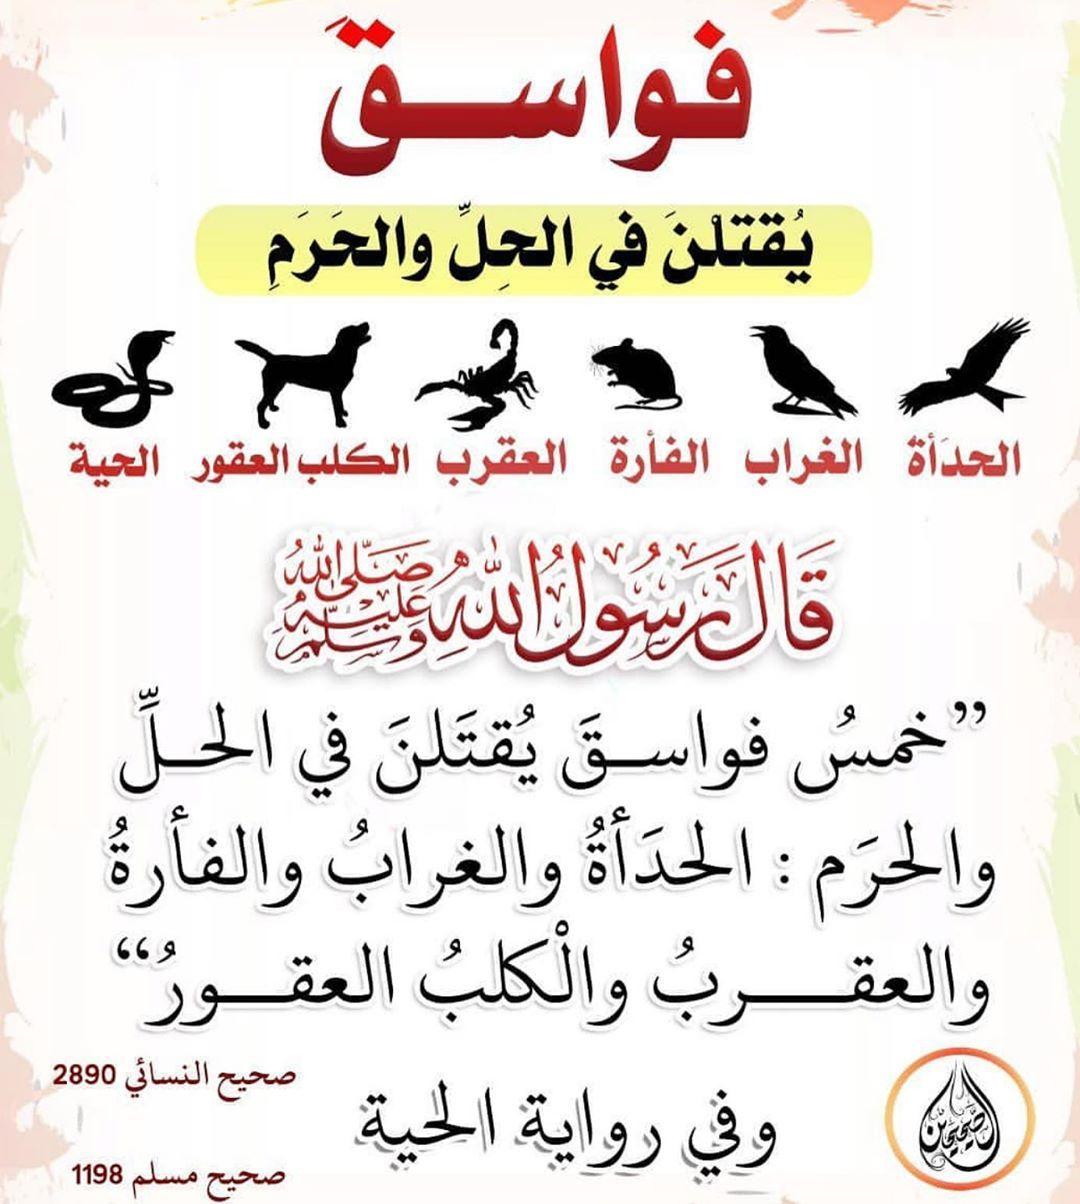 362 Likes 13 Comments السـلـف الـصـالـح Mnhg Alsalf Alsalih On Instagram Islam Quran Instagram Posts Instagram